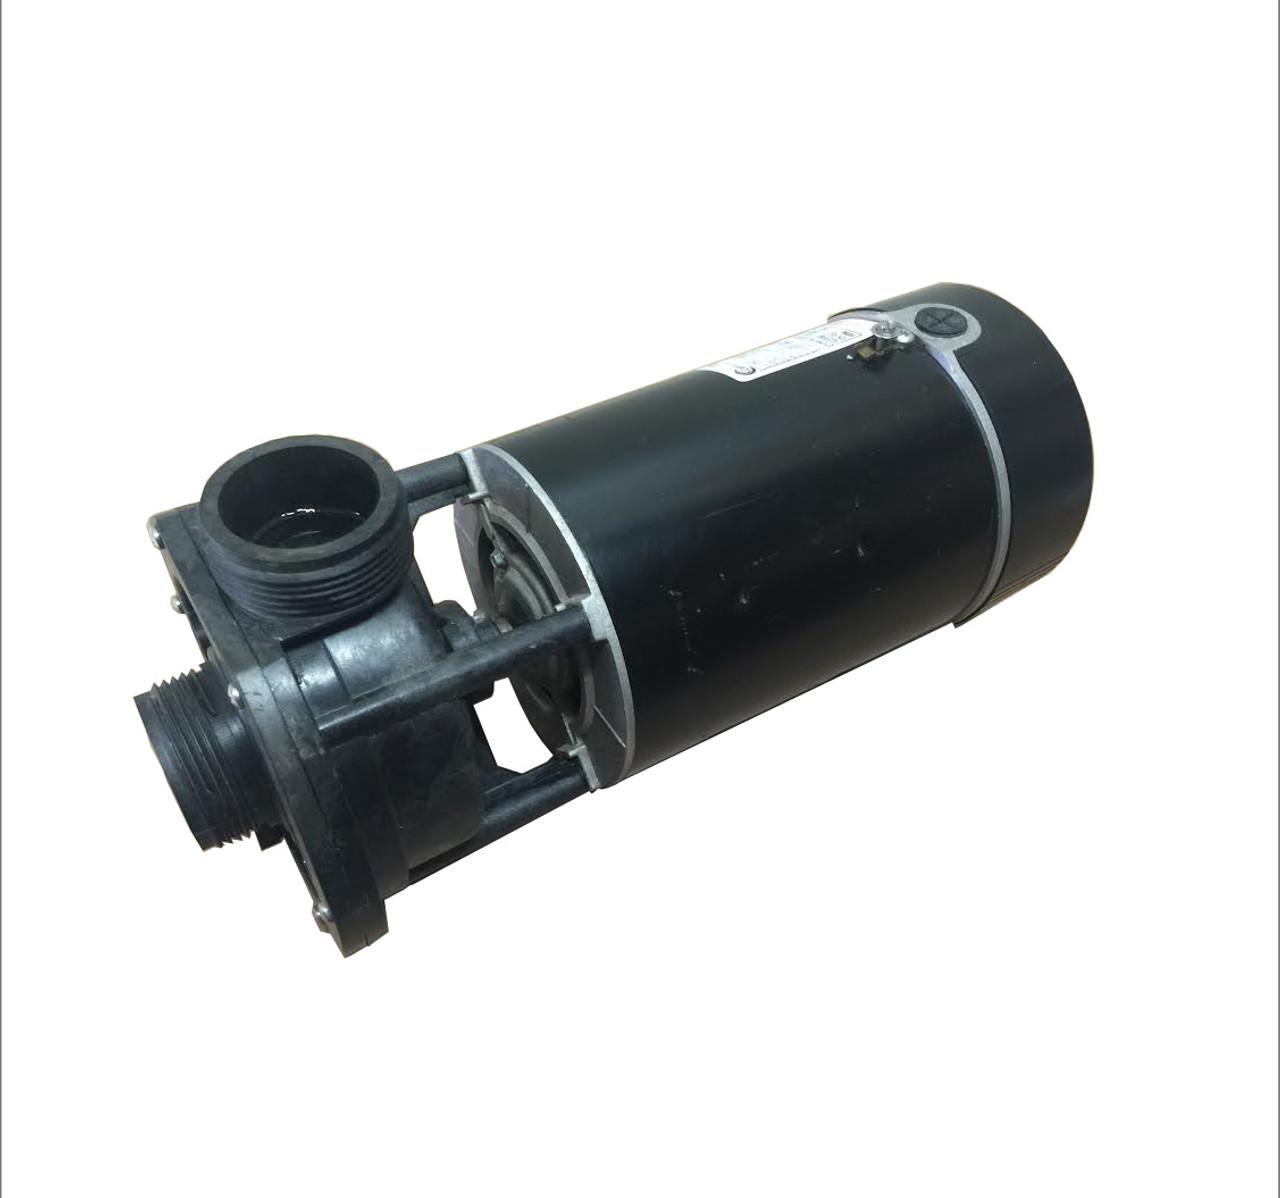 replacement for softub hot tub pump 115 volt 03510138 2 spa parts depot [ 1280 x 1198 Pixel ]